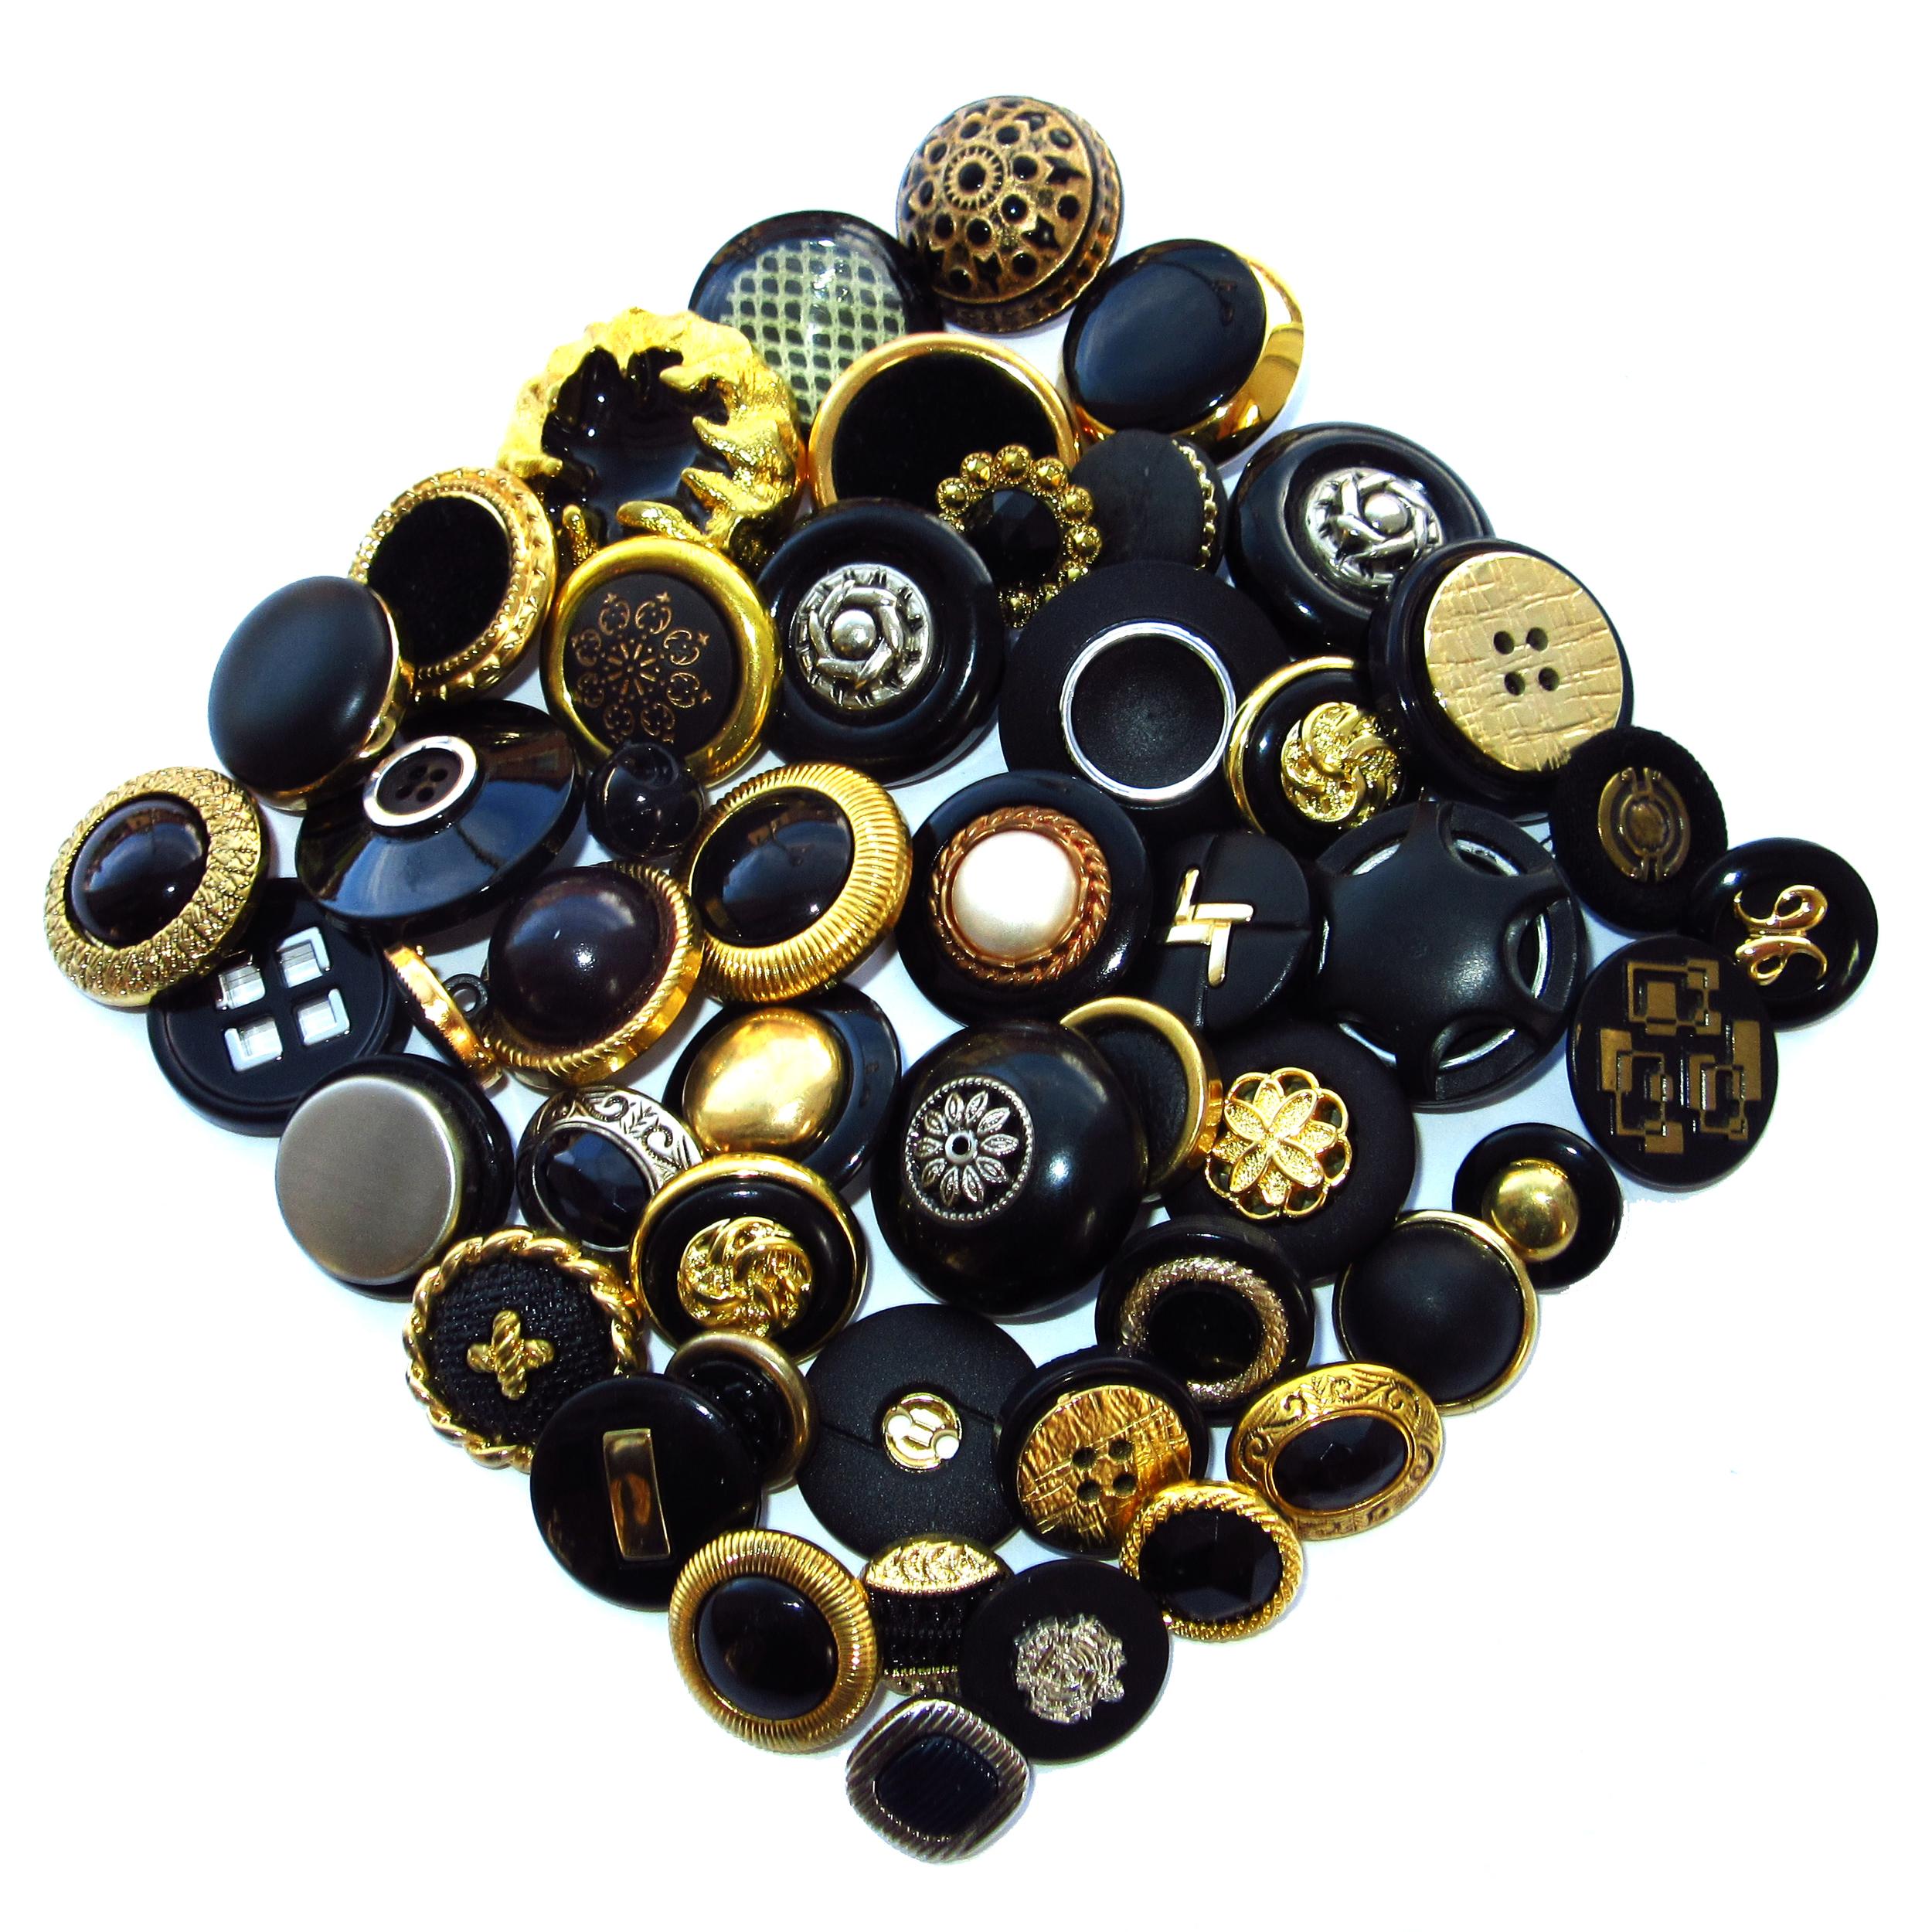 Boutons noirs et dorés